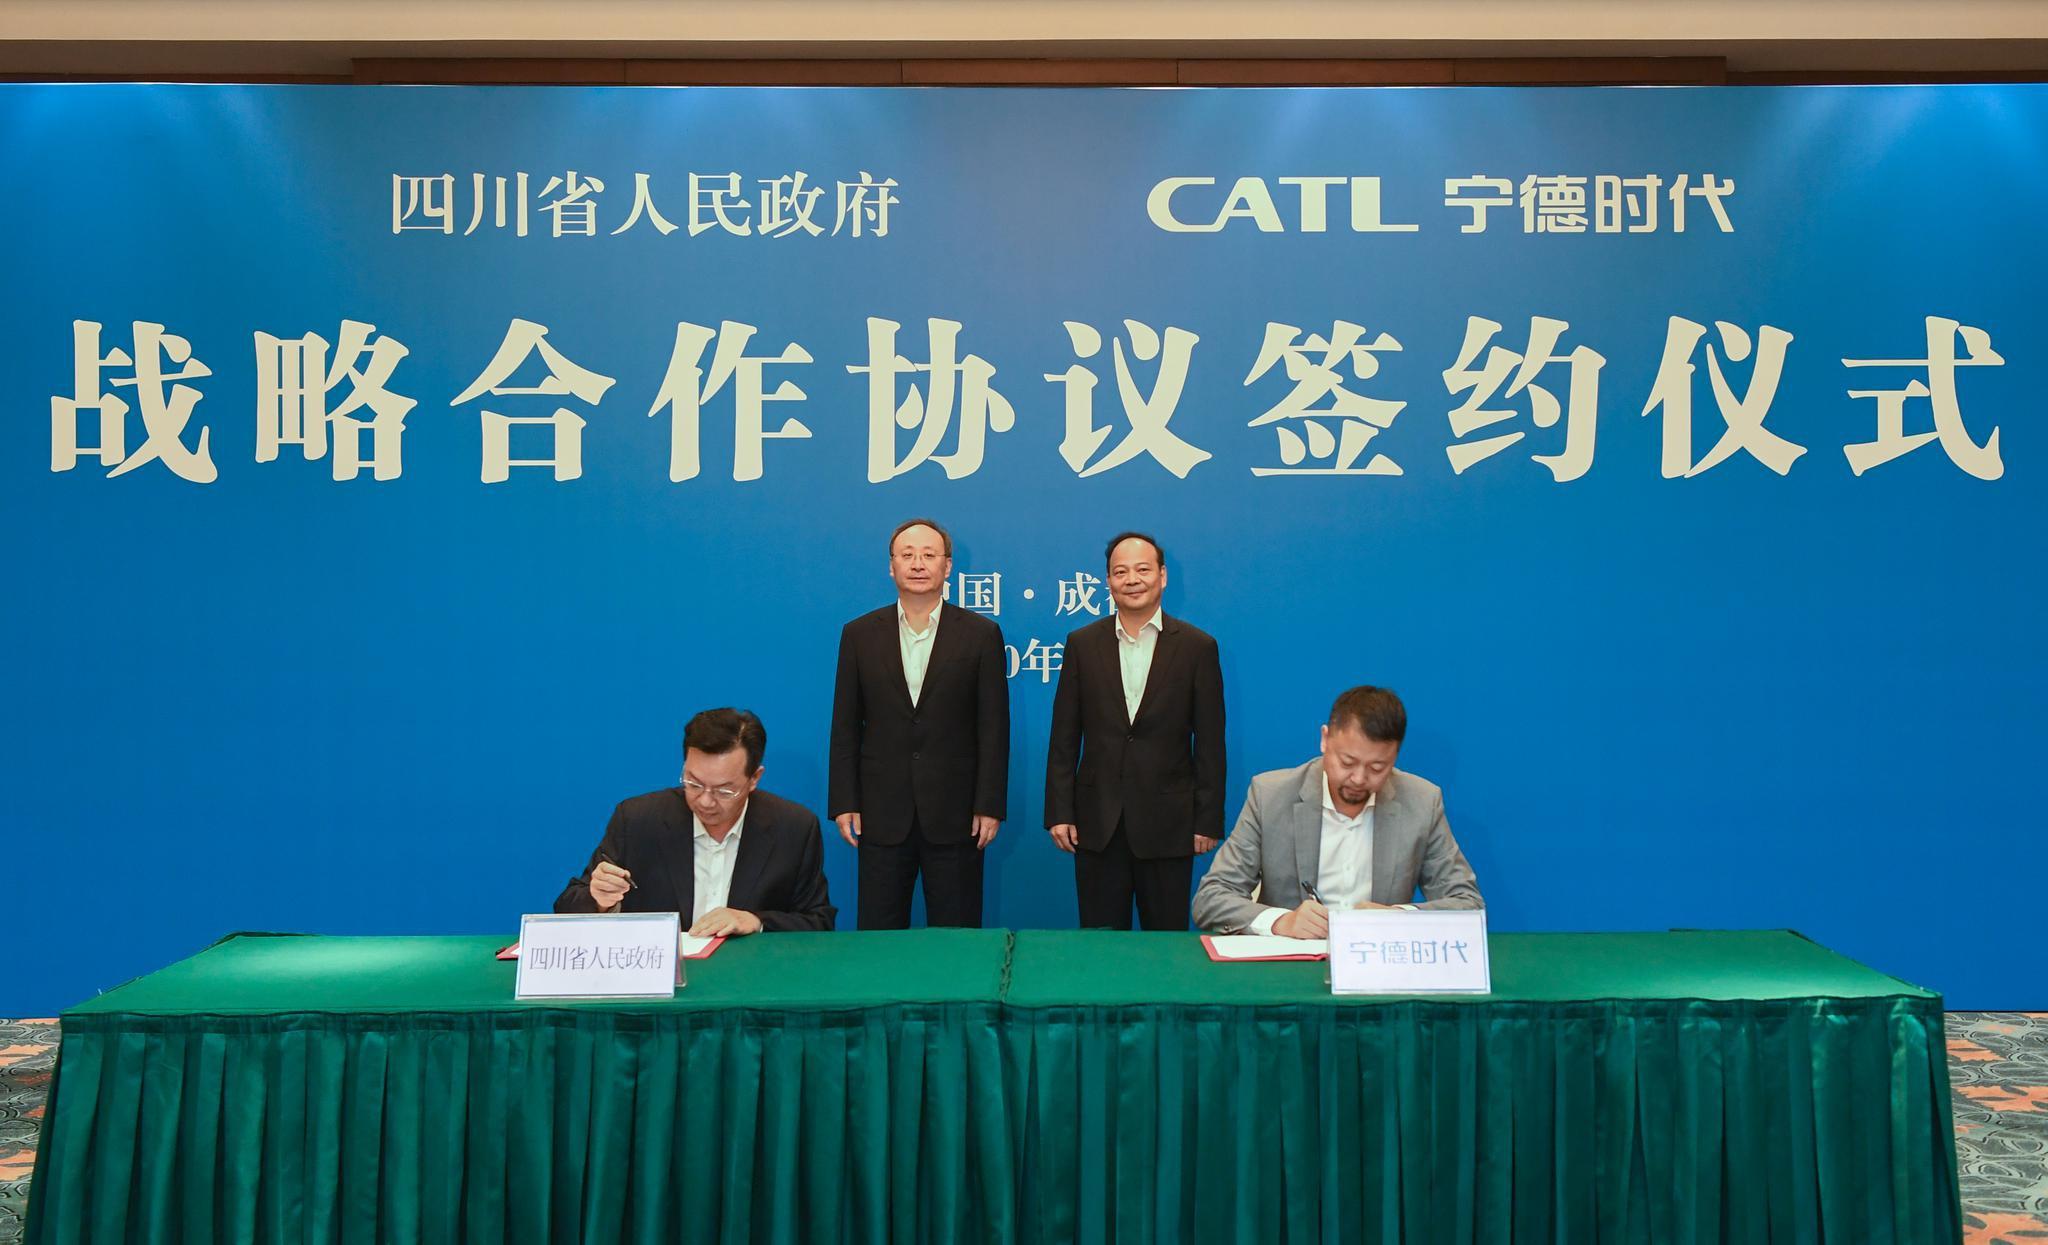 省政府与宁德时代新能源科技公司签署战略合作协议 尹力曾毓群见证签约图片